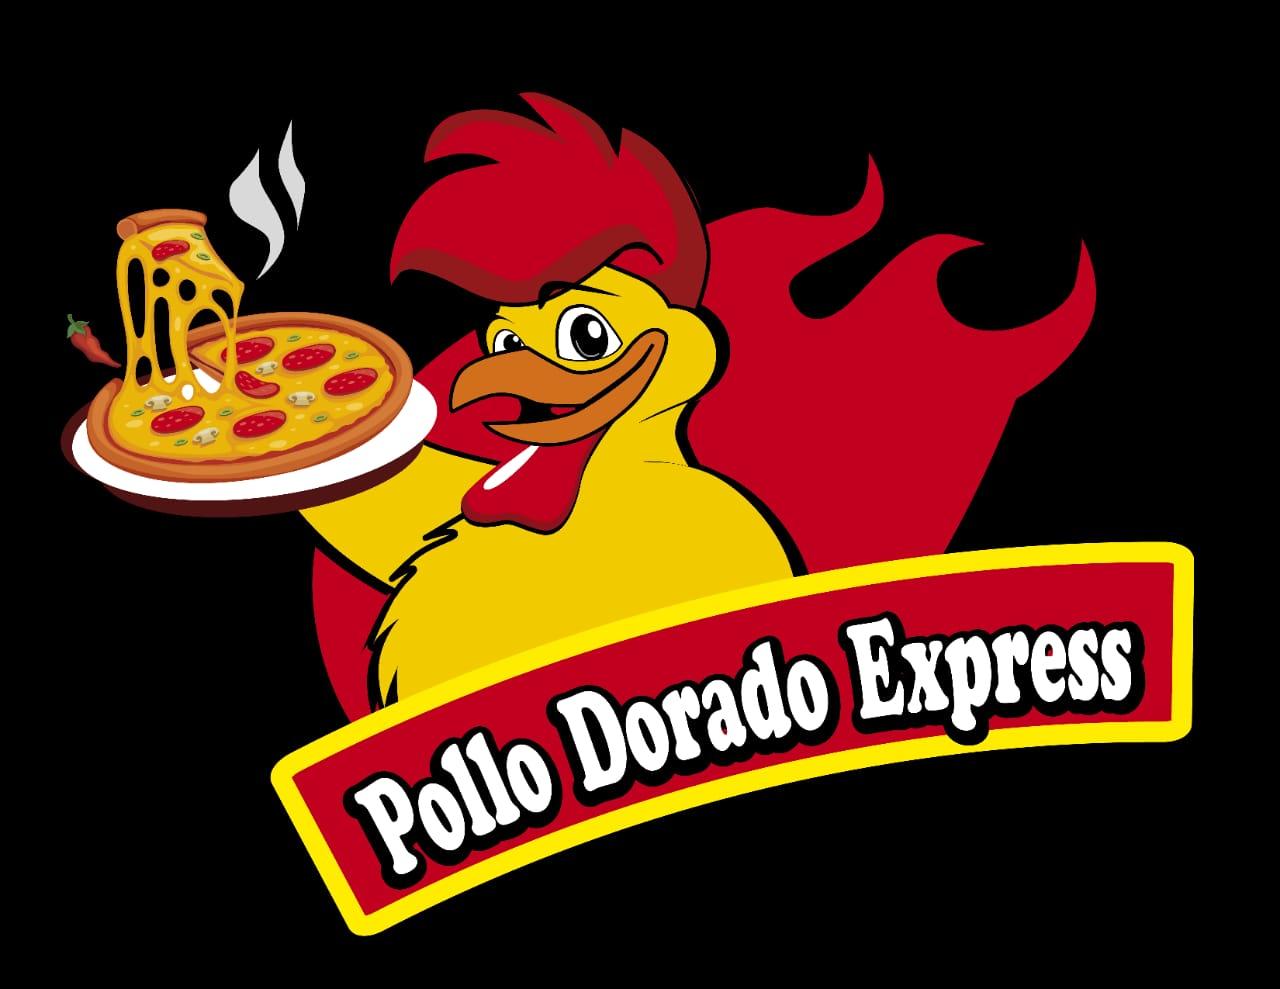 Pollo Dorado Express